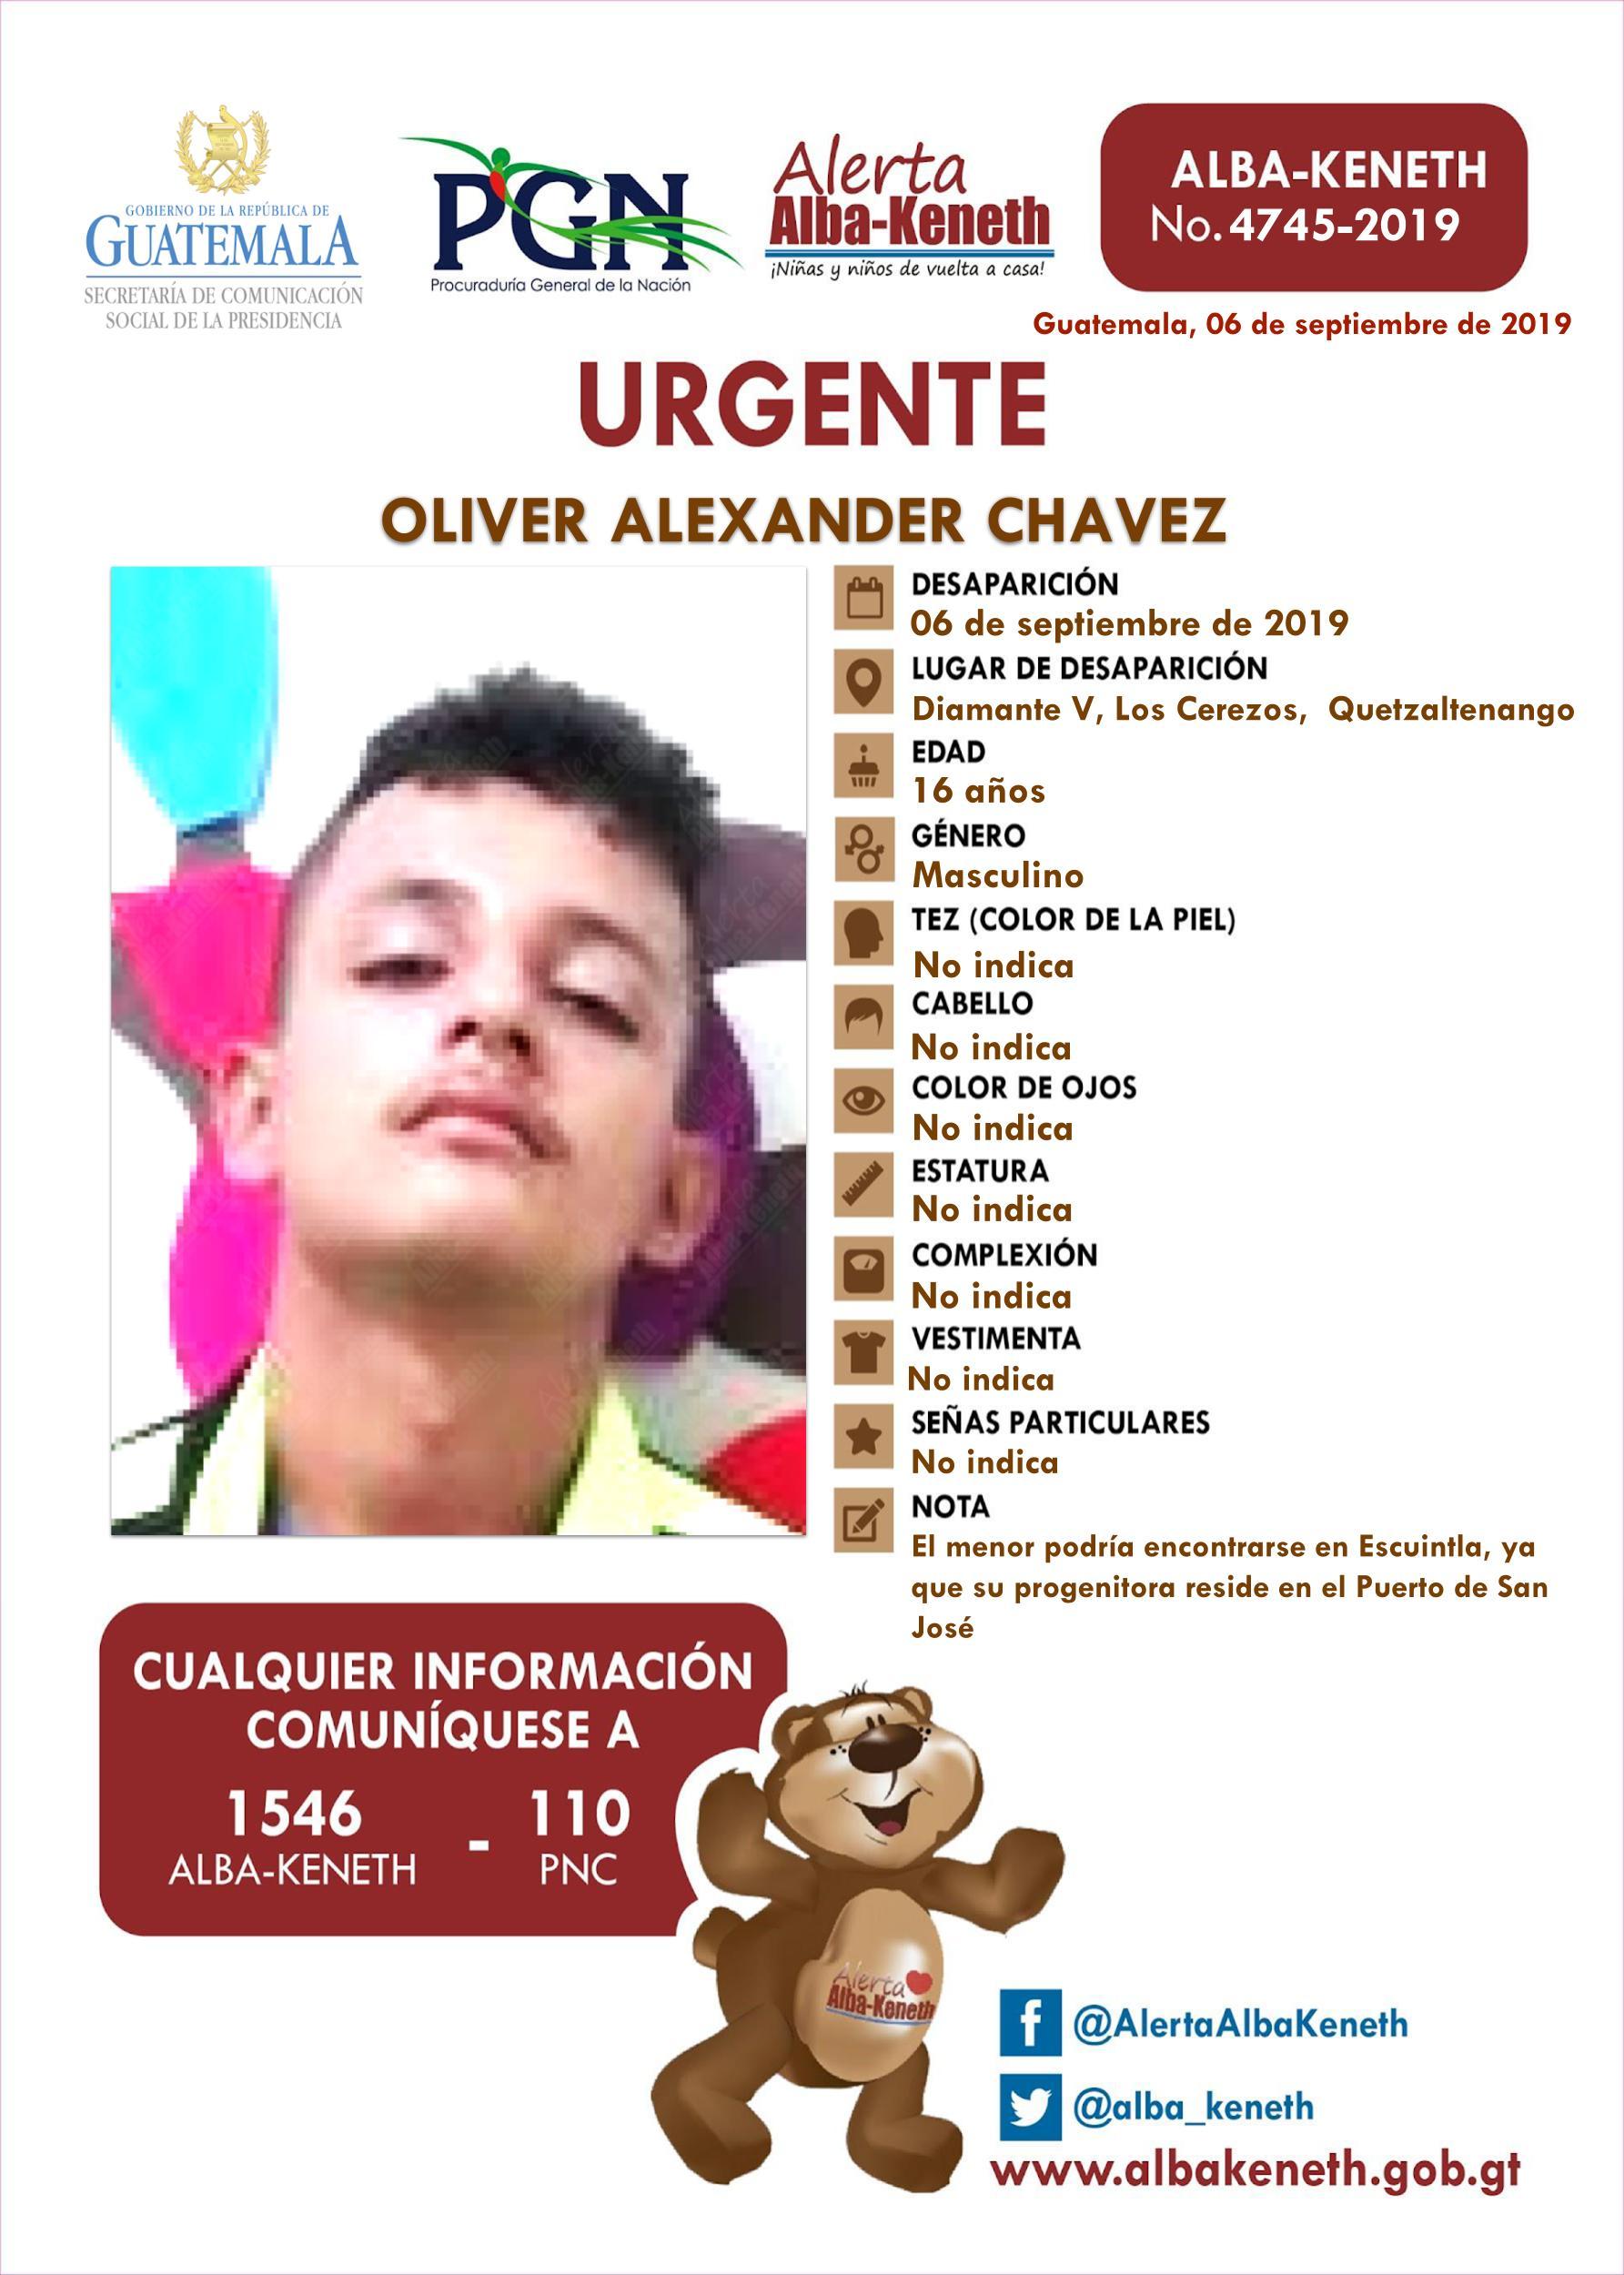 Oliver Alexander Chavez